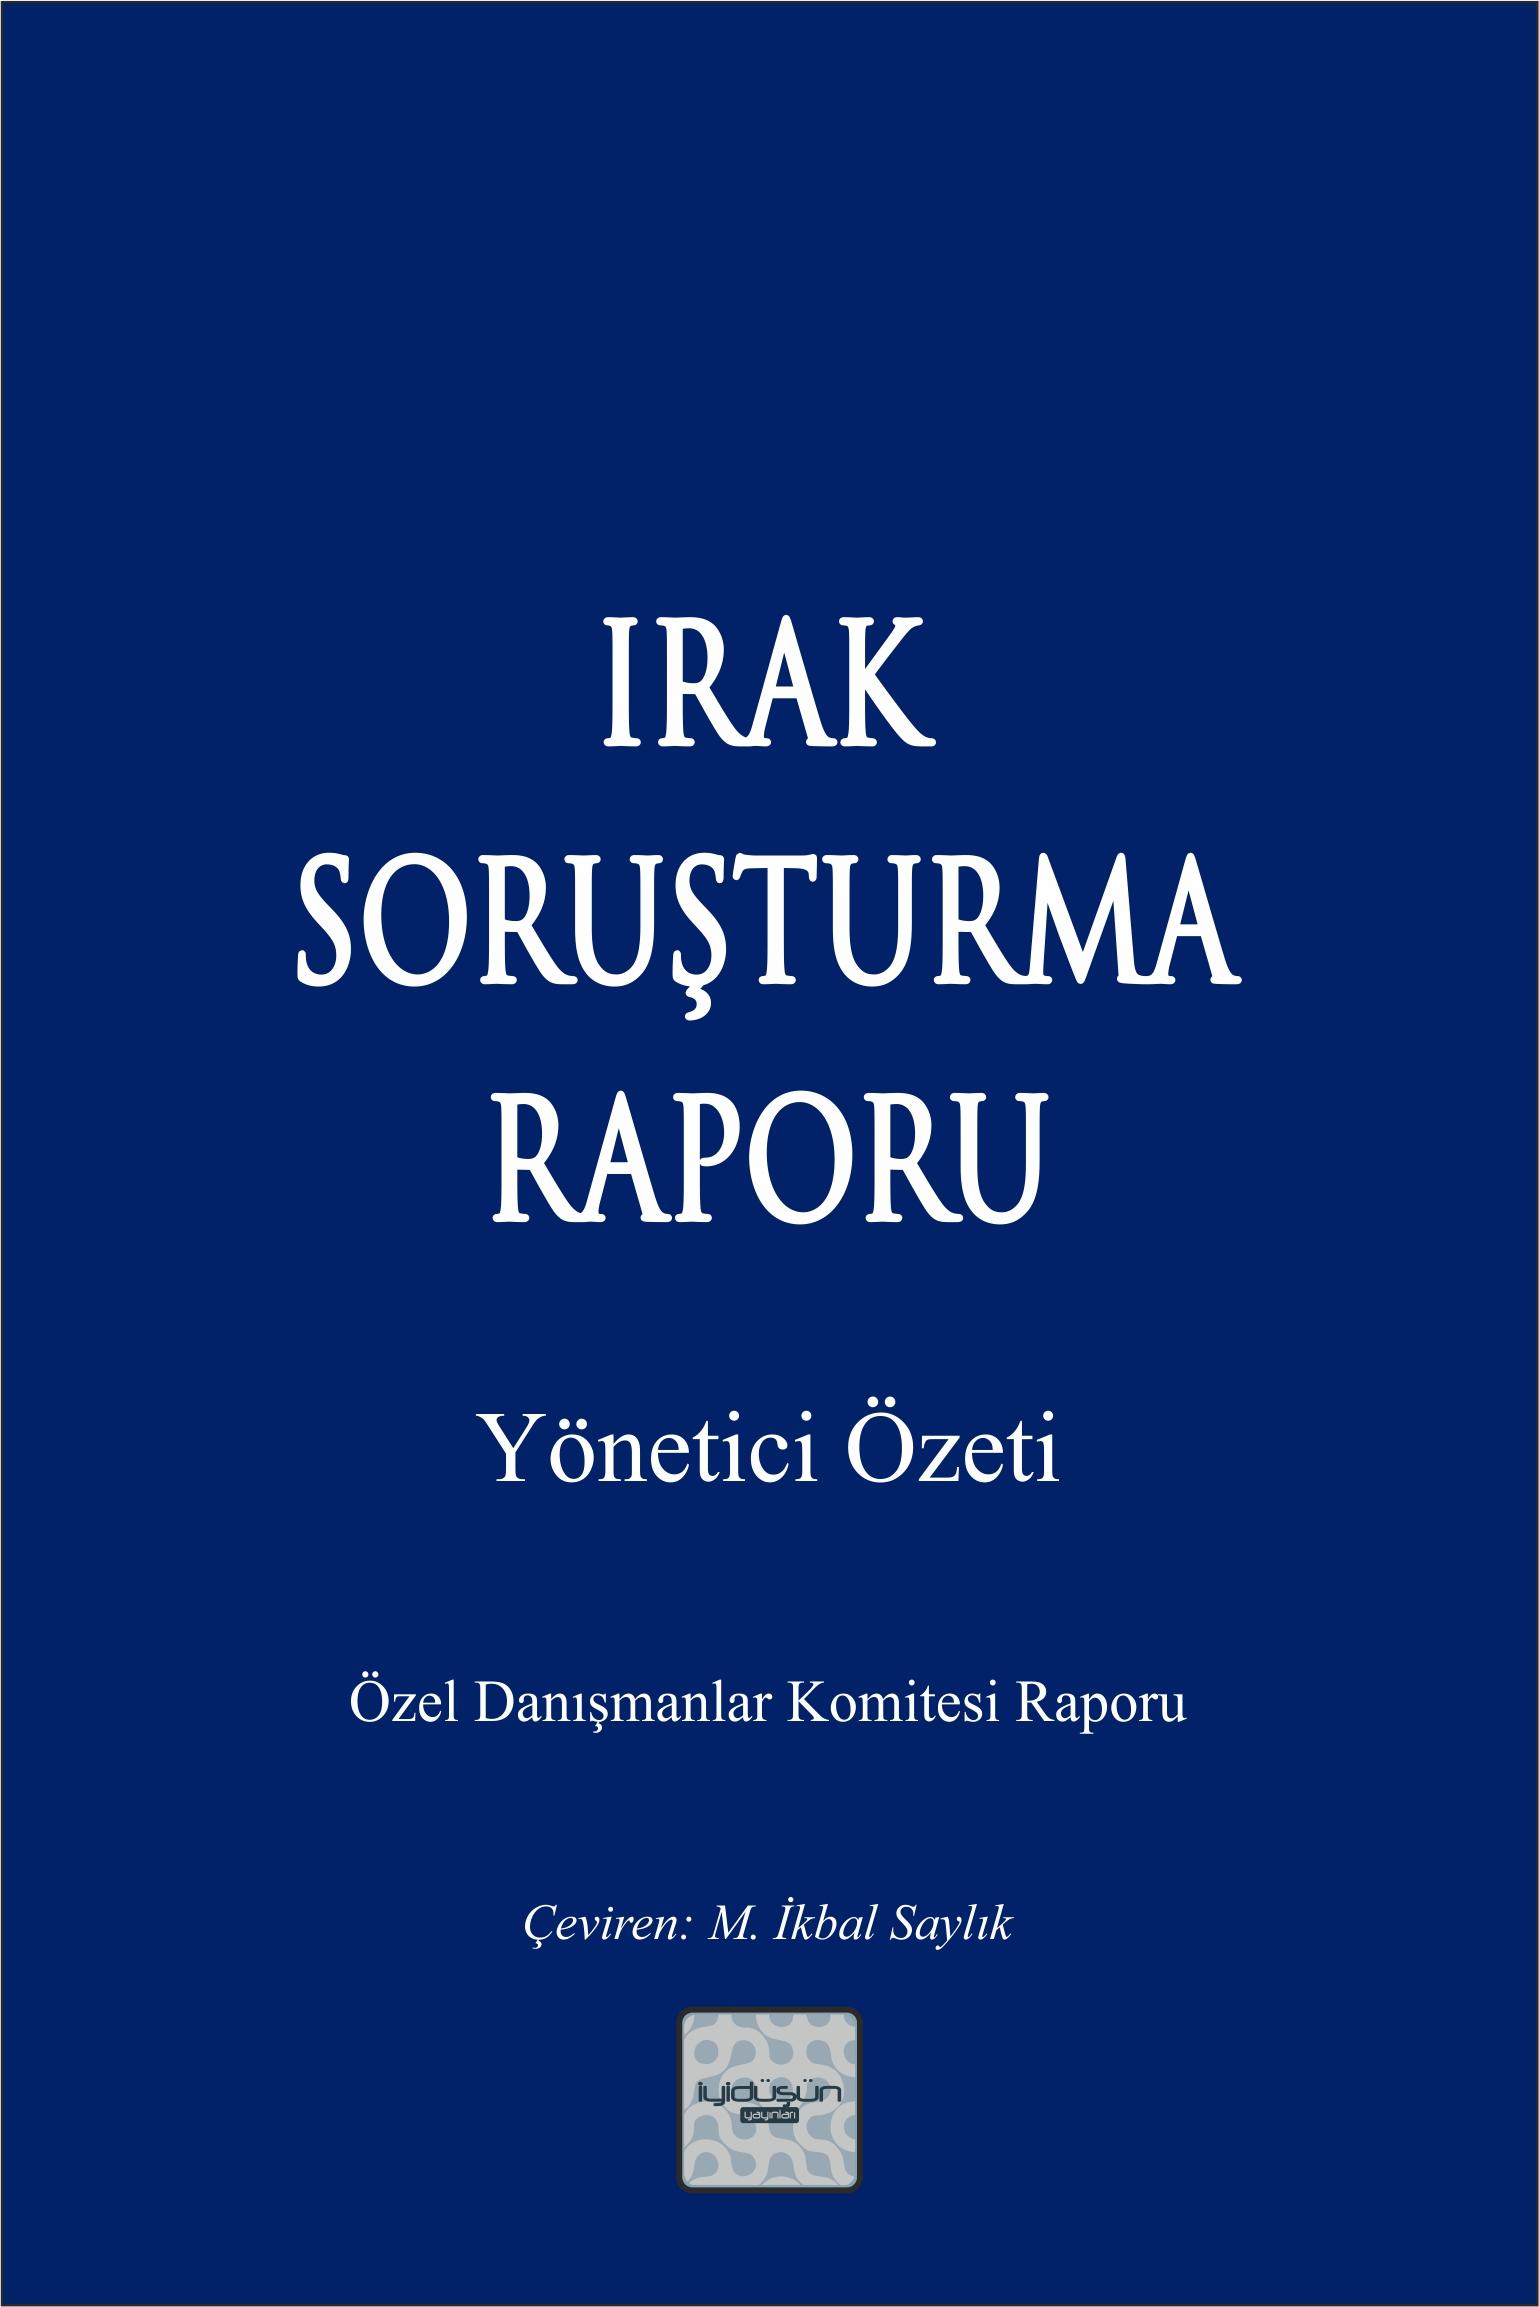 irak-sorusturma-raporu